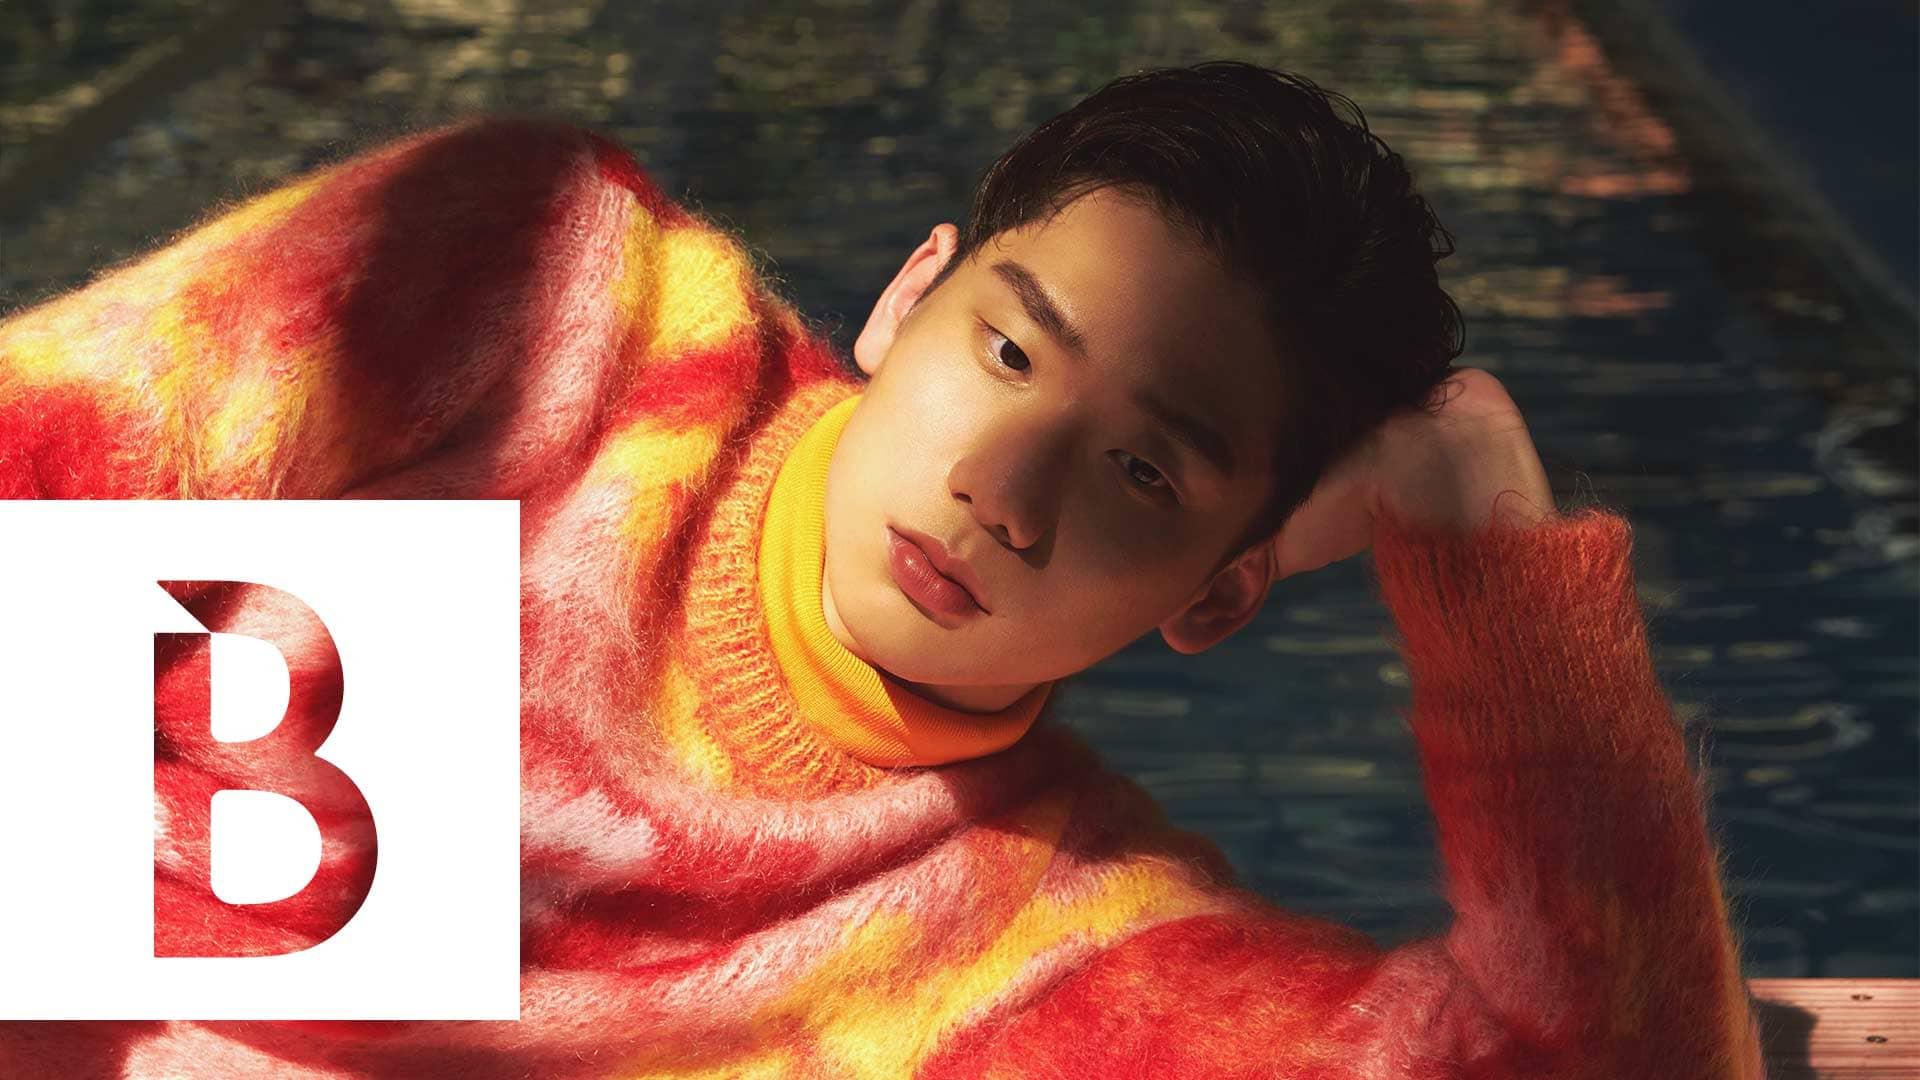 【封面人物】王冠閎19歲登台灣蝶王:「機會是留給準備好的人,如果每一天都是在準備好的狀態下,剩下的盡力就好。」